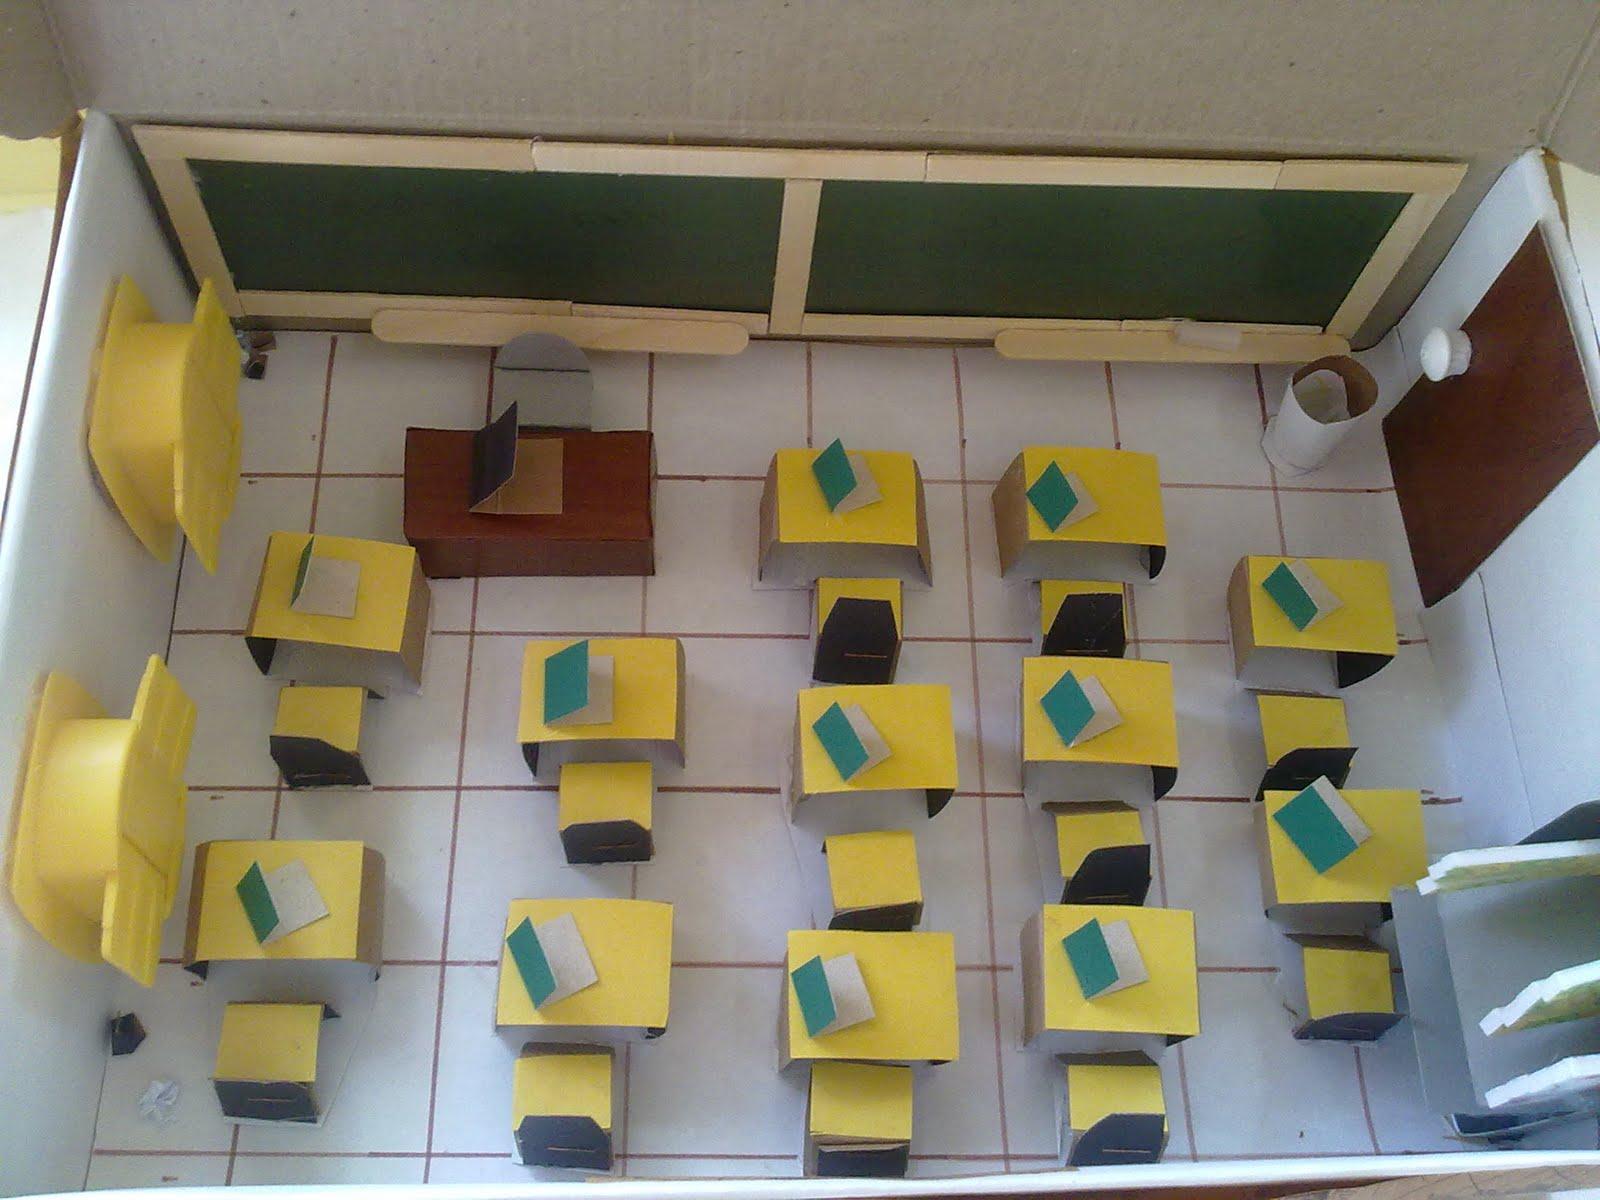 imagens de diferentes casas para colorir